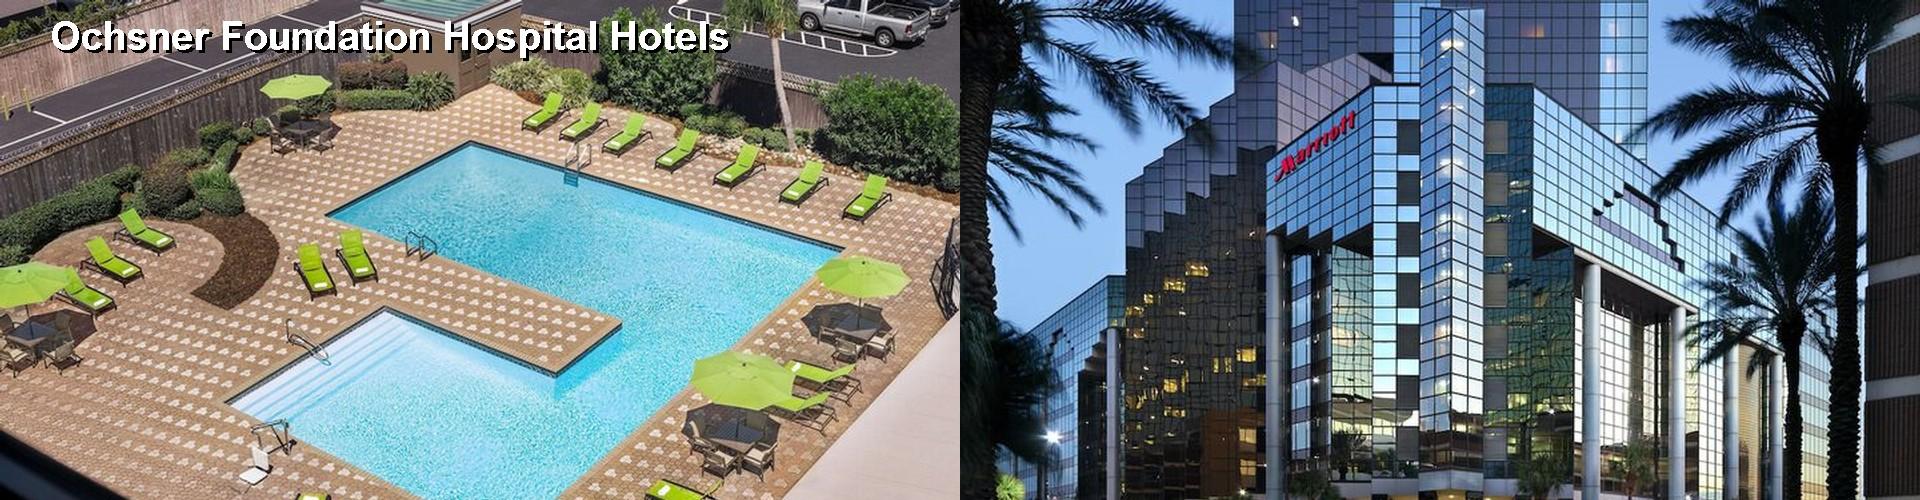 3 Best Hotels Near Ochsner Foundation Hospital